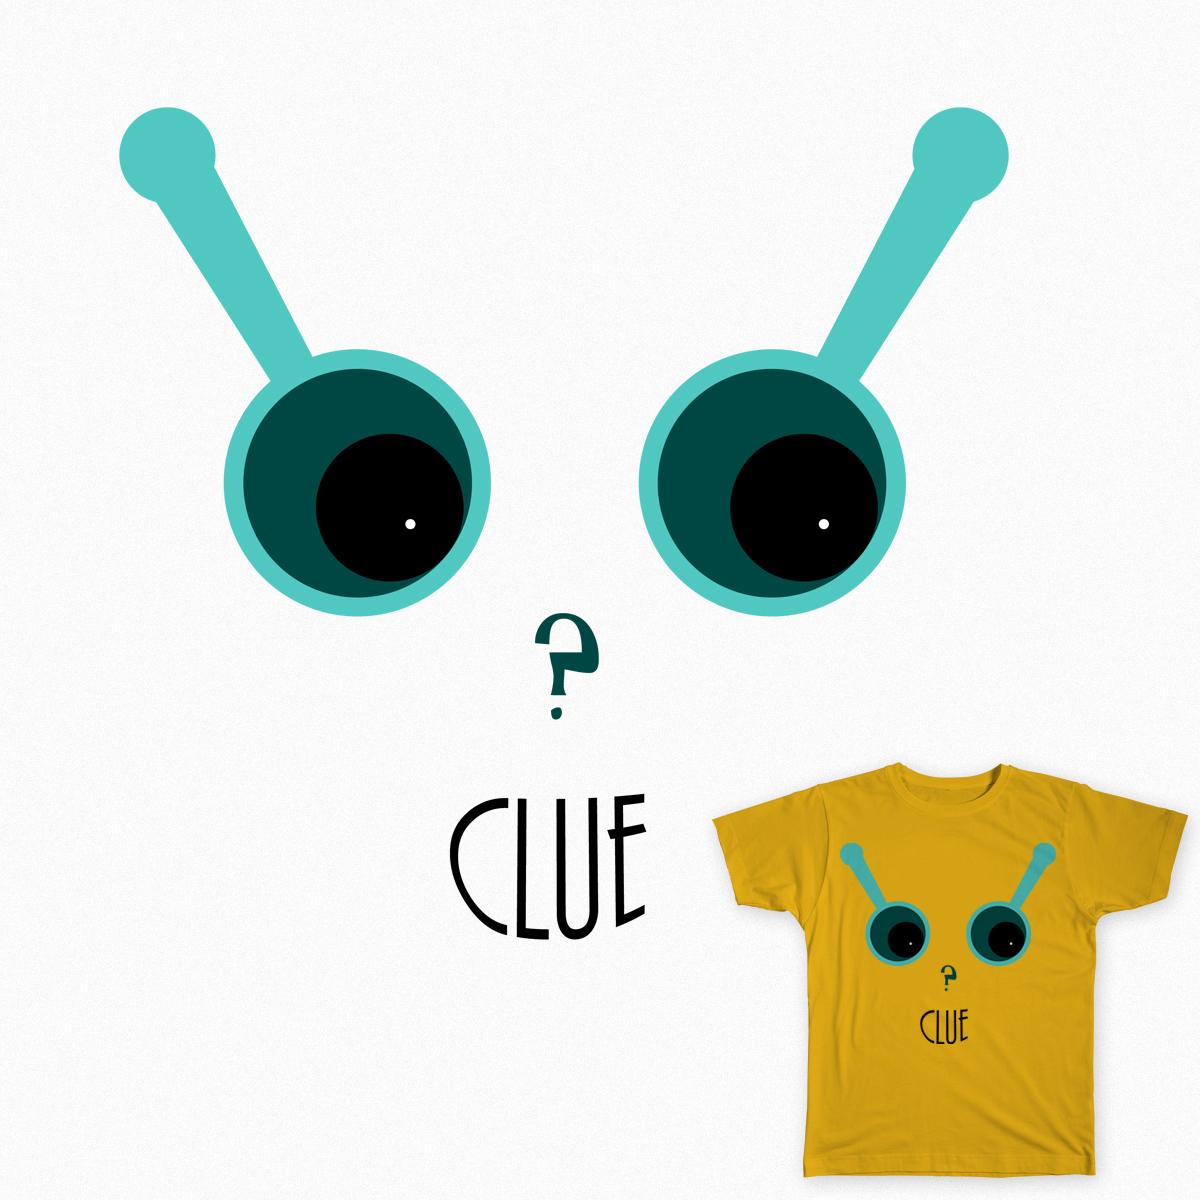 Clue! by wishurdesign on Threadless